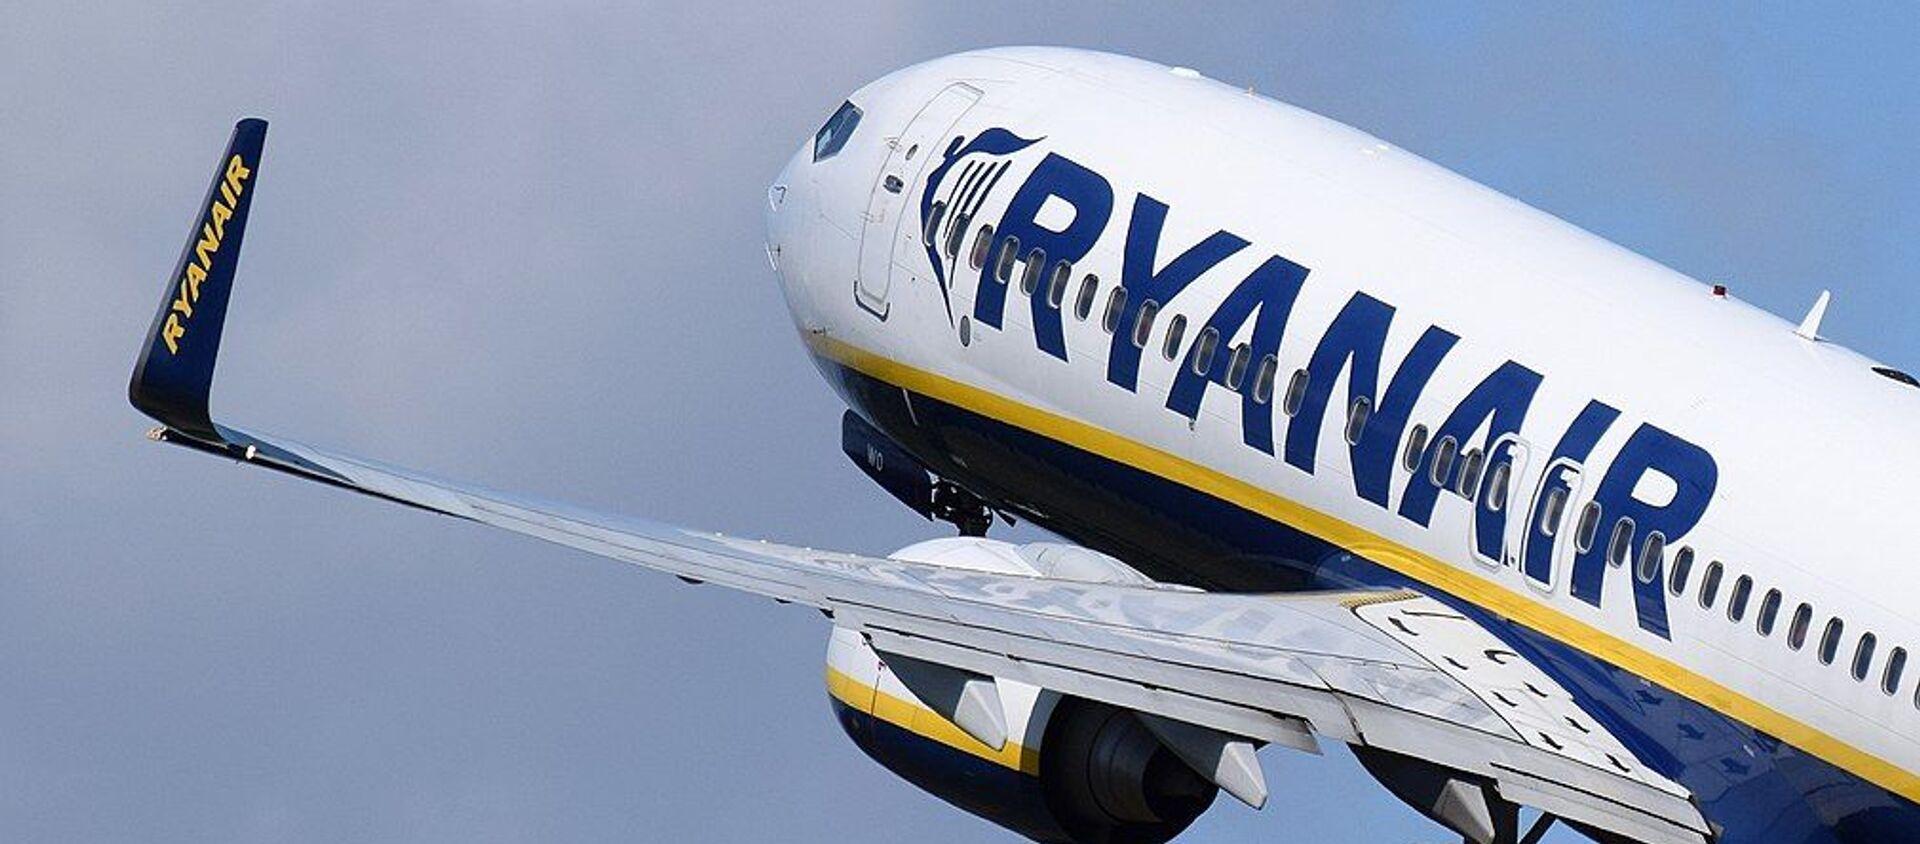 Boeing 737 Ryanair - Sputnik International, 1920